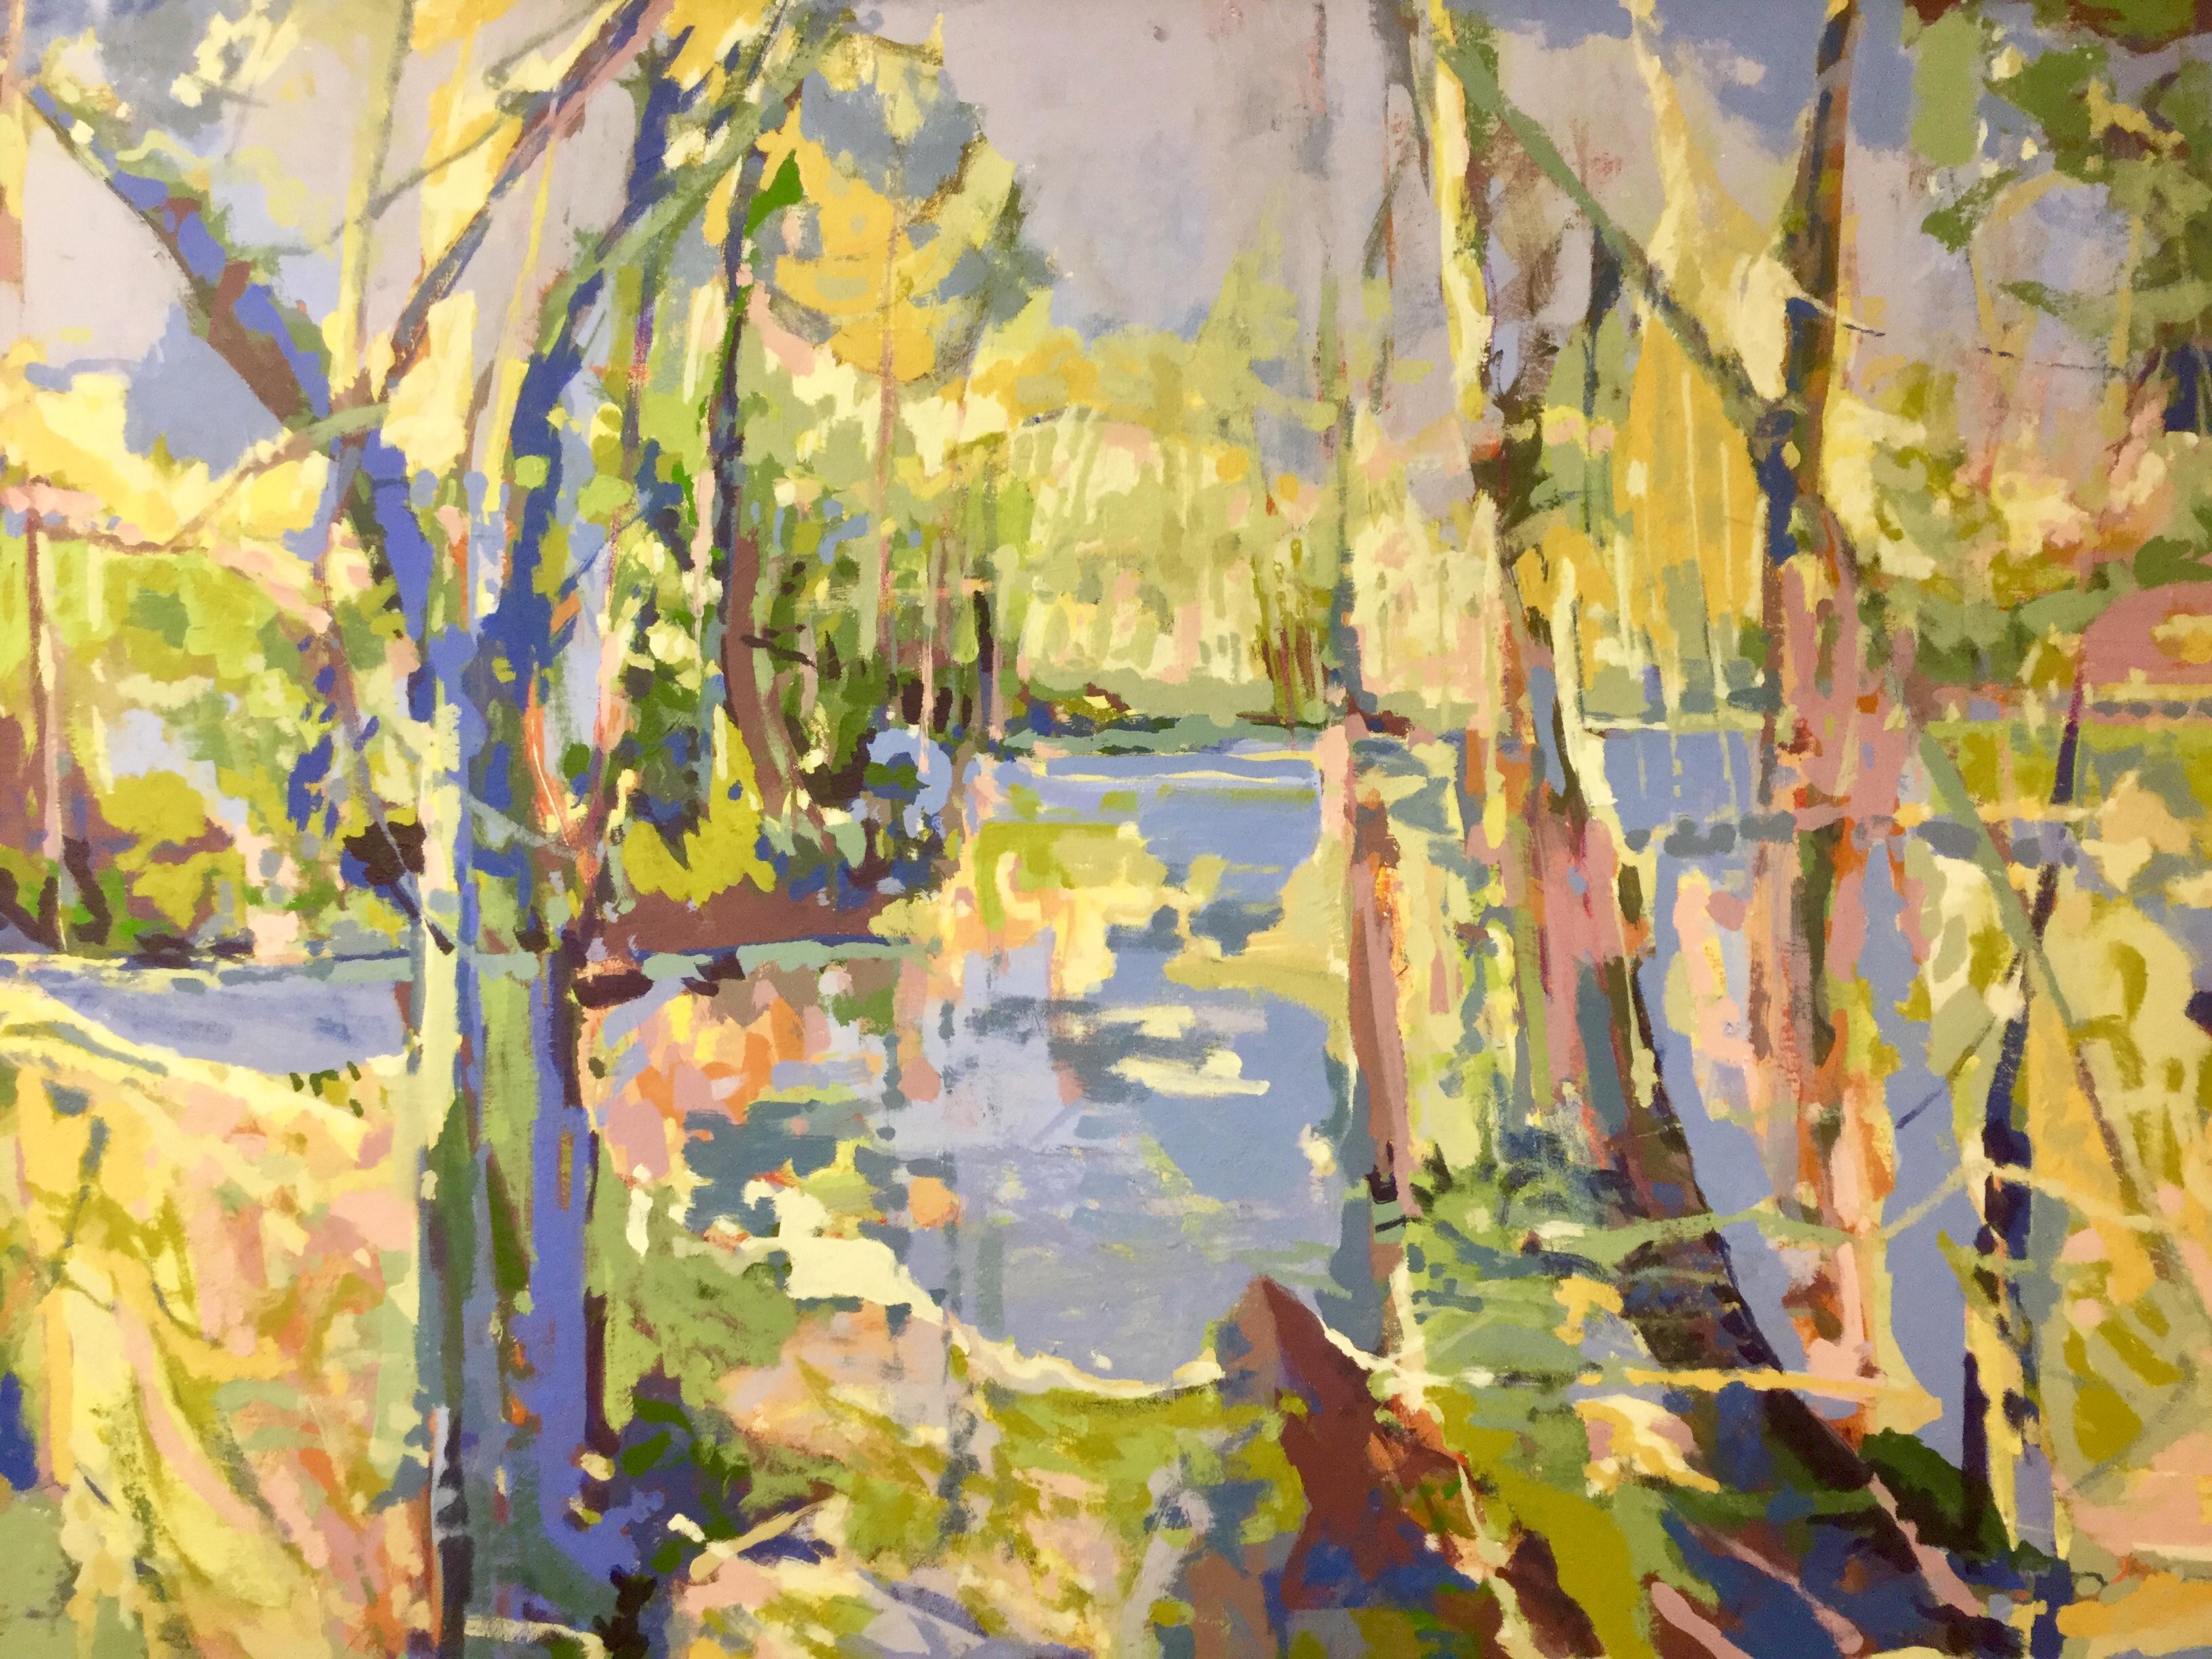 Springtime I, oil on canvas